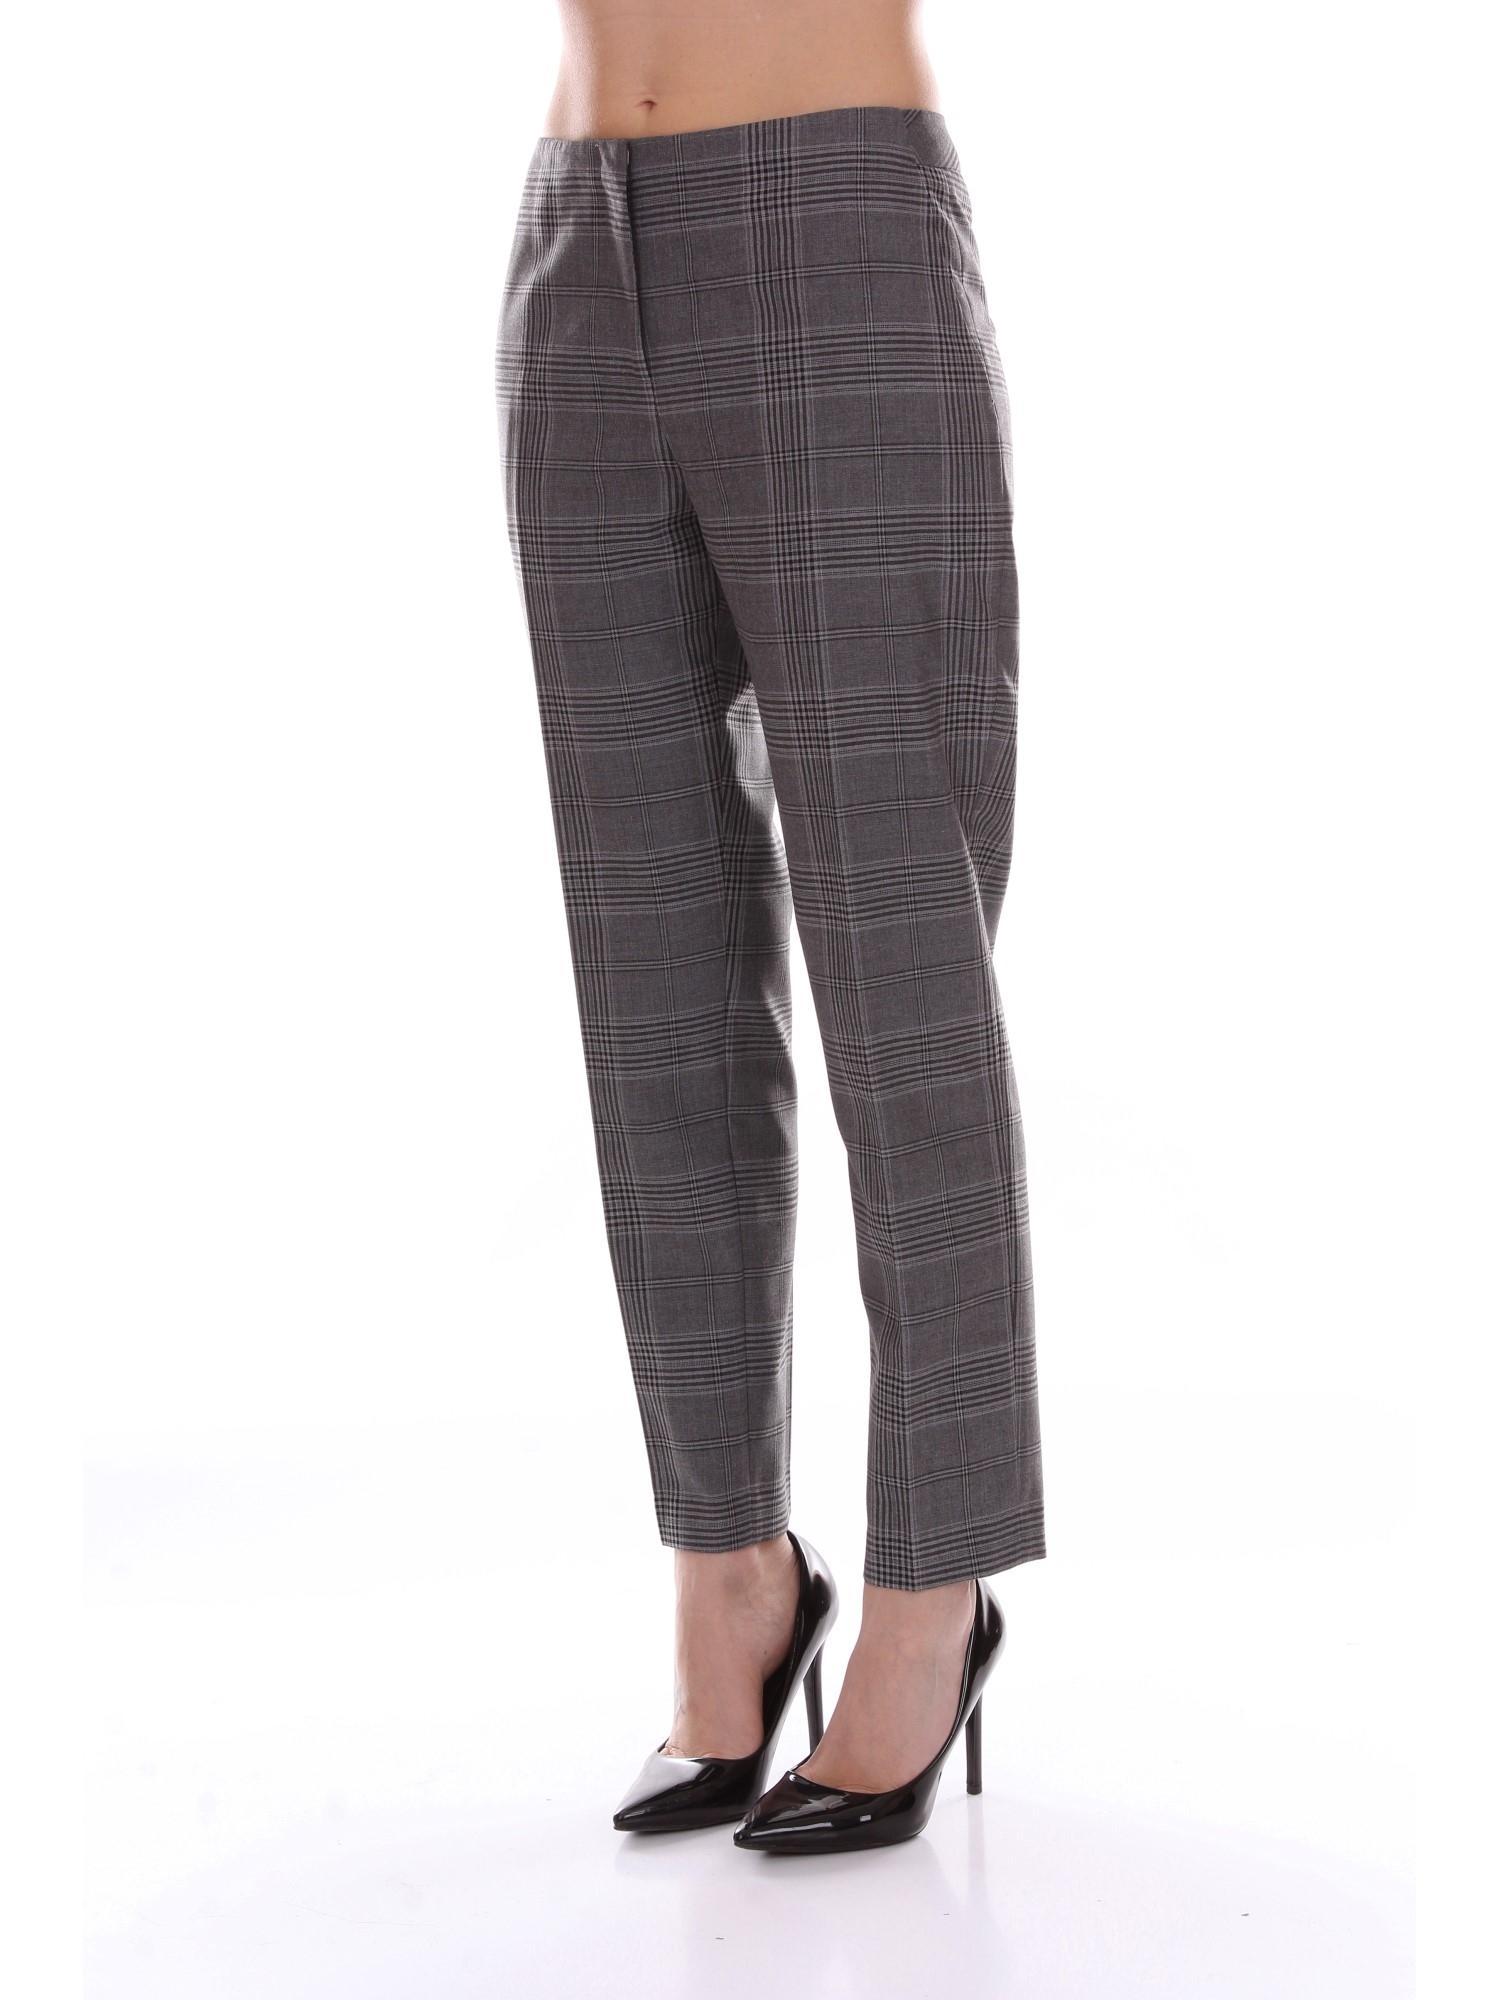 Trousse pantalon Tara Jarmon en coloris Gris